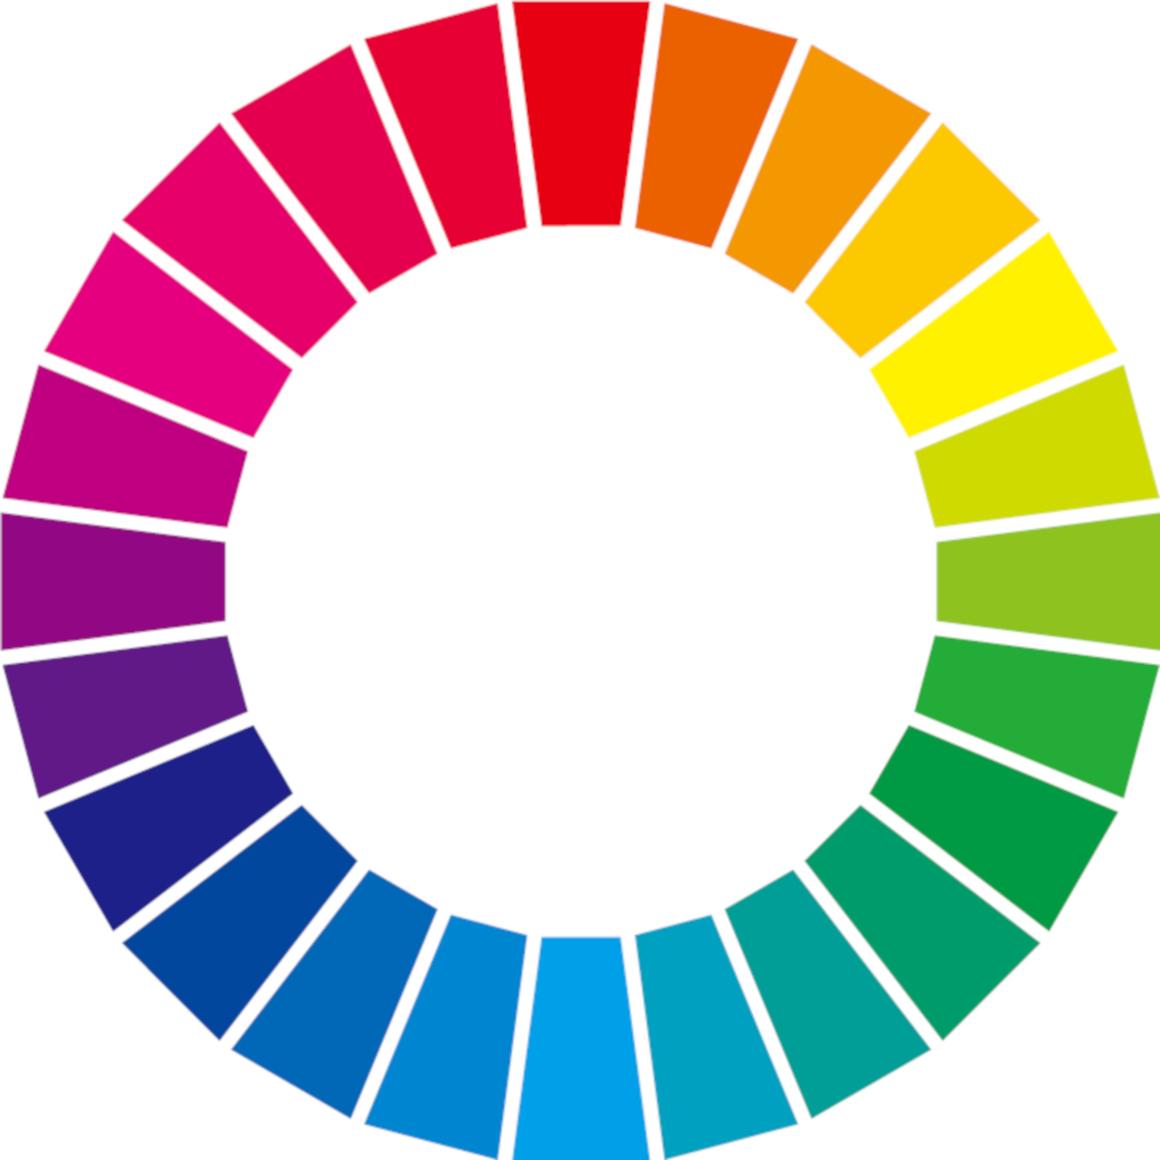 写真をデザイン的思考で分析 - ENOさん流、視線を誘導する撮影&レタッチ術